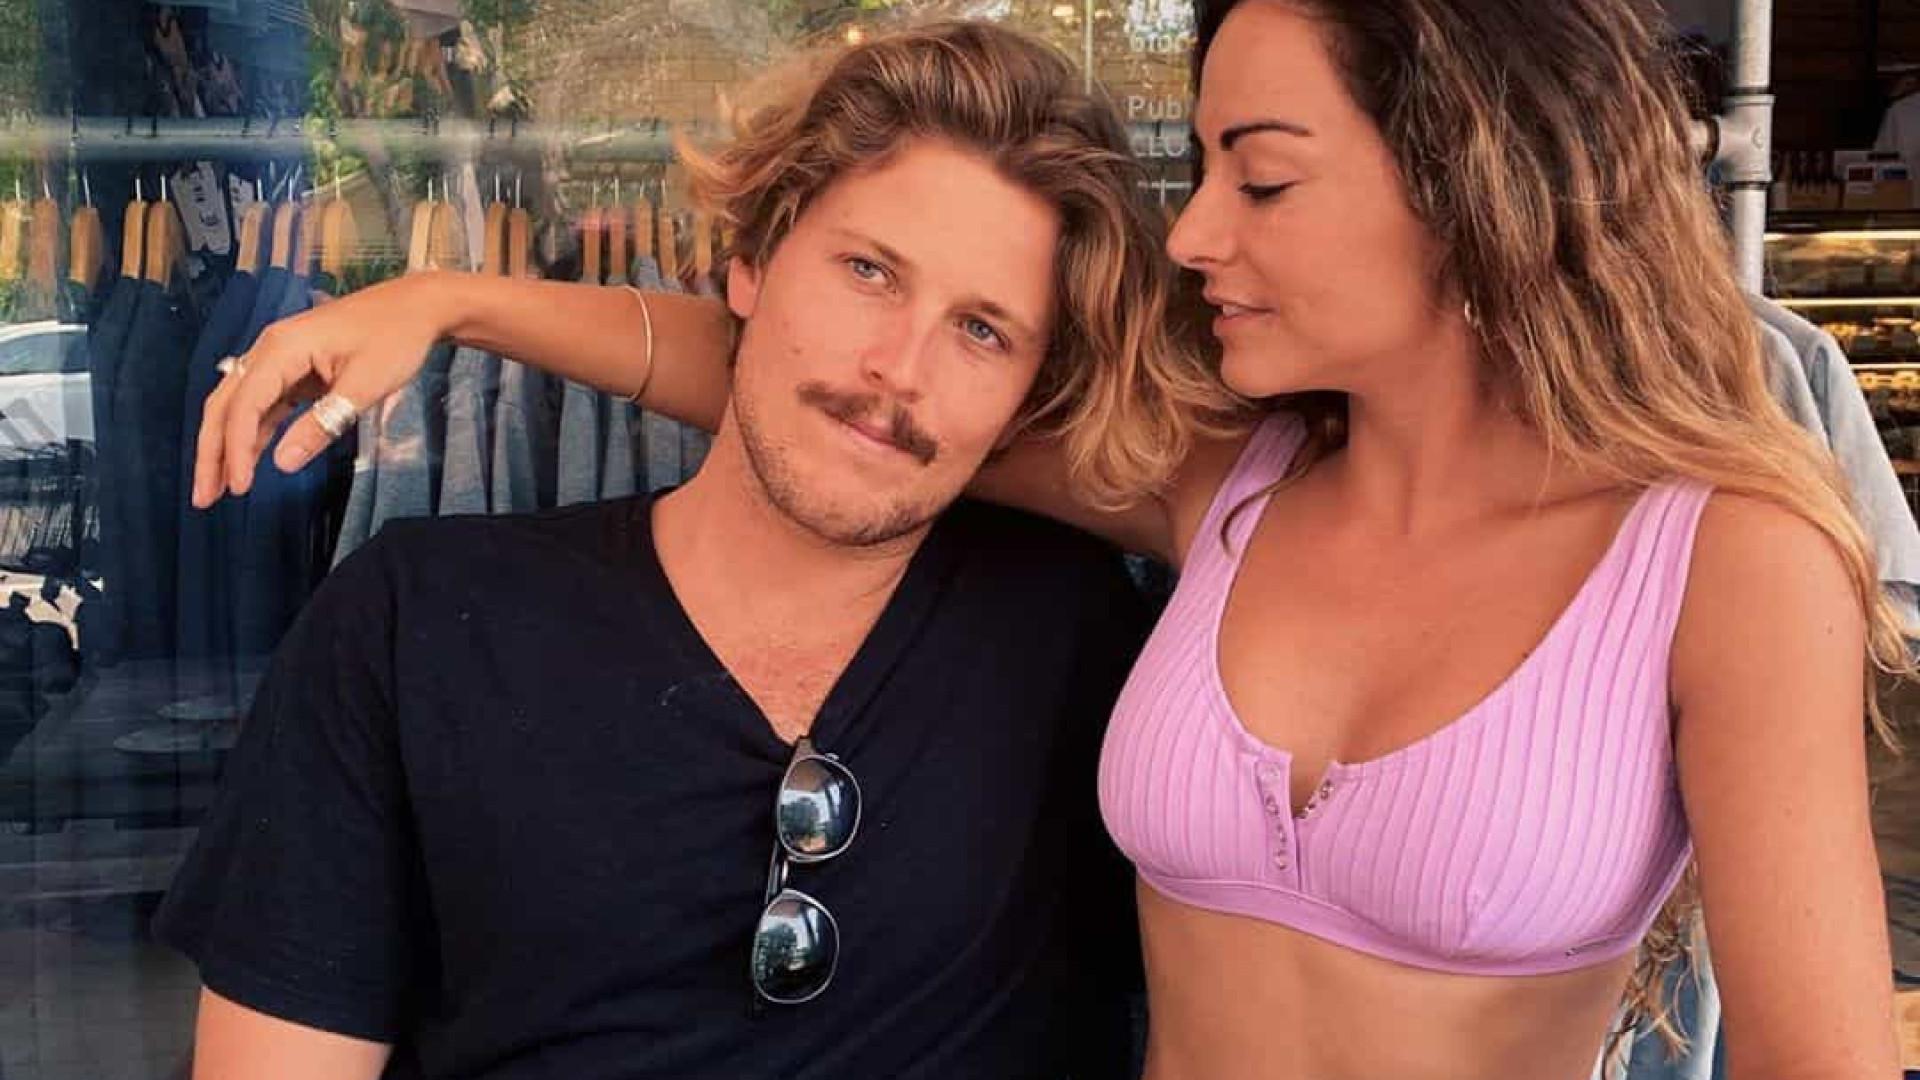 Apaixonadíssima! Joana Duarte em nova fotografia com o namorado